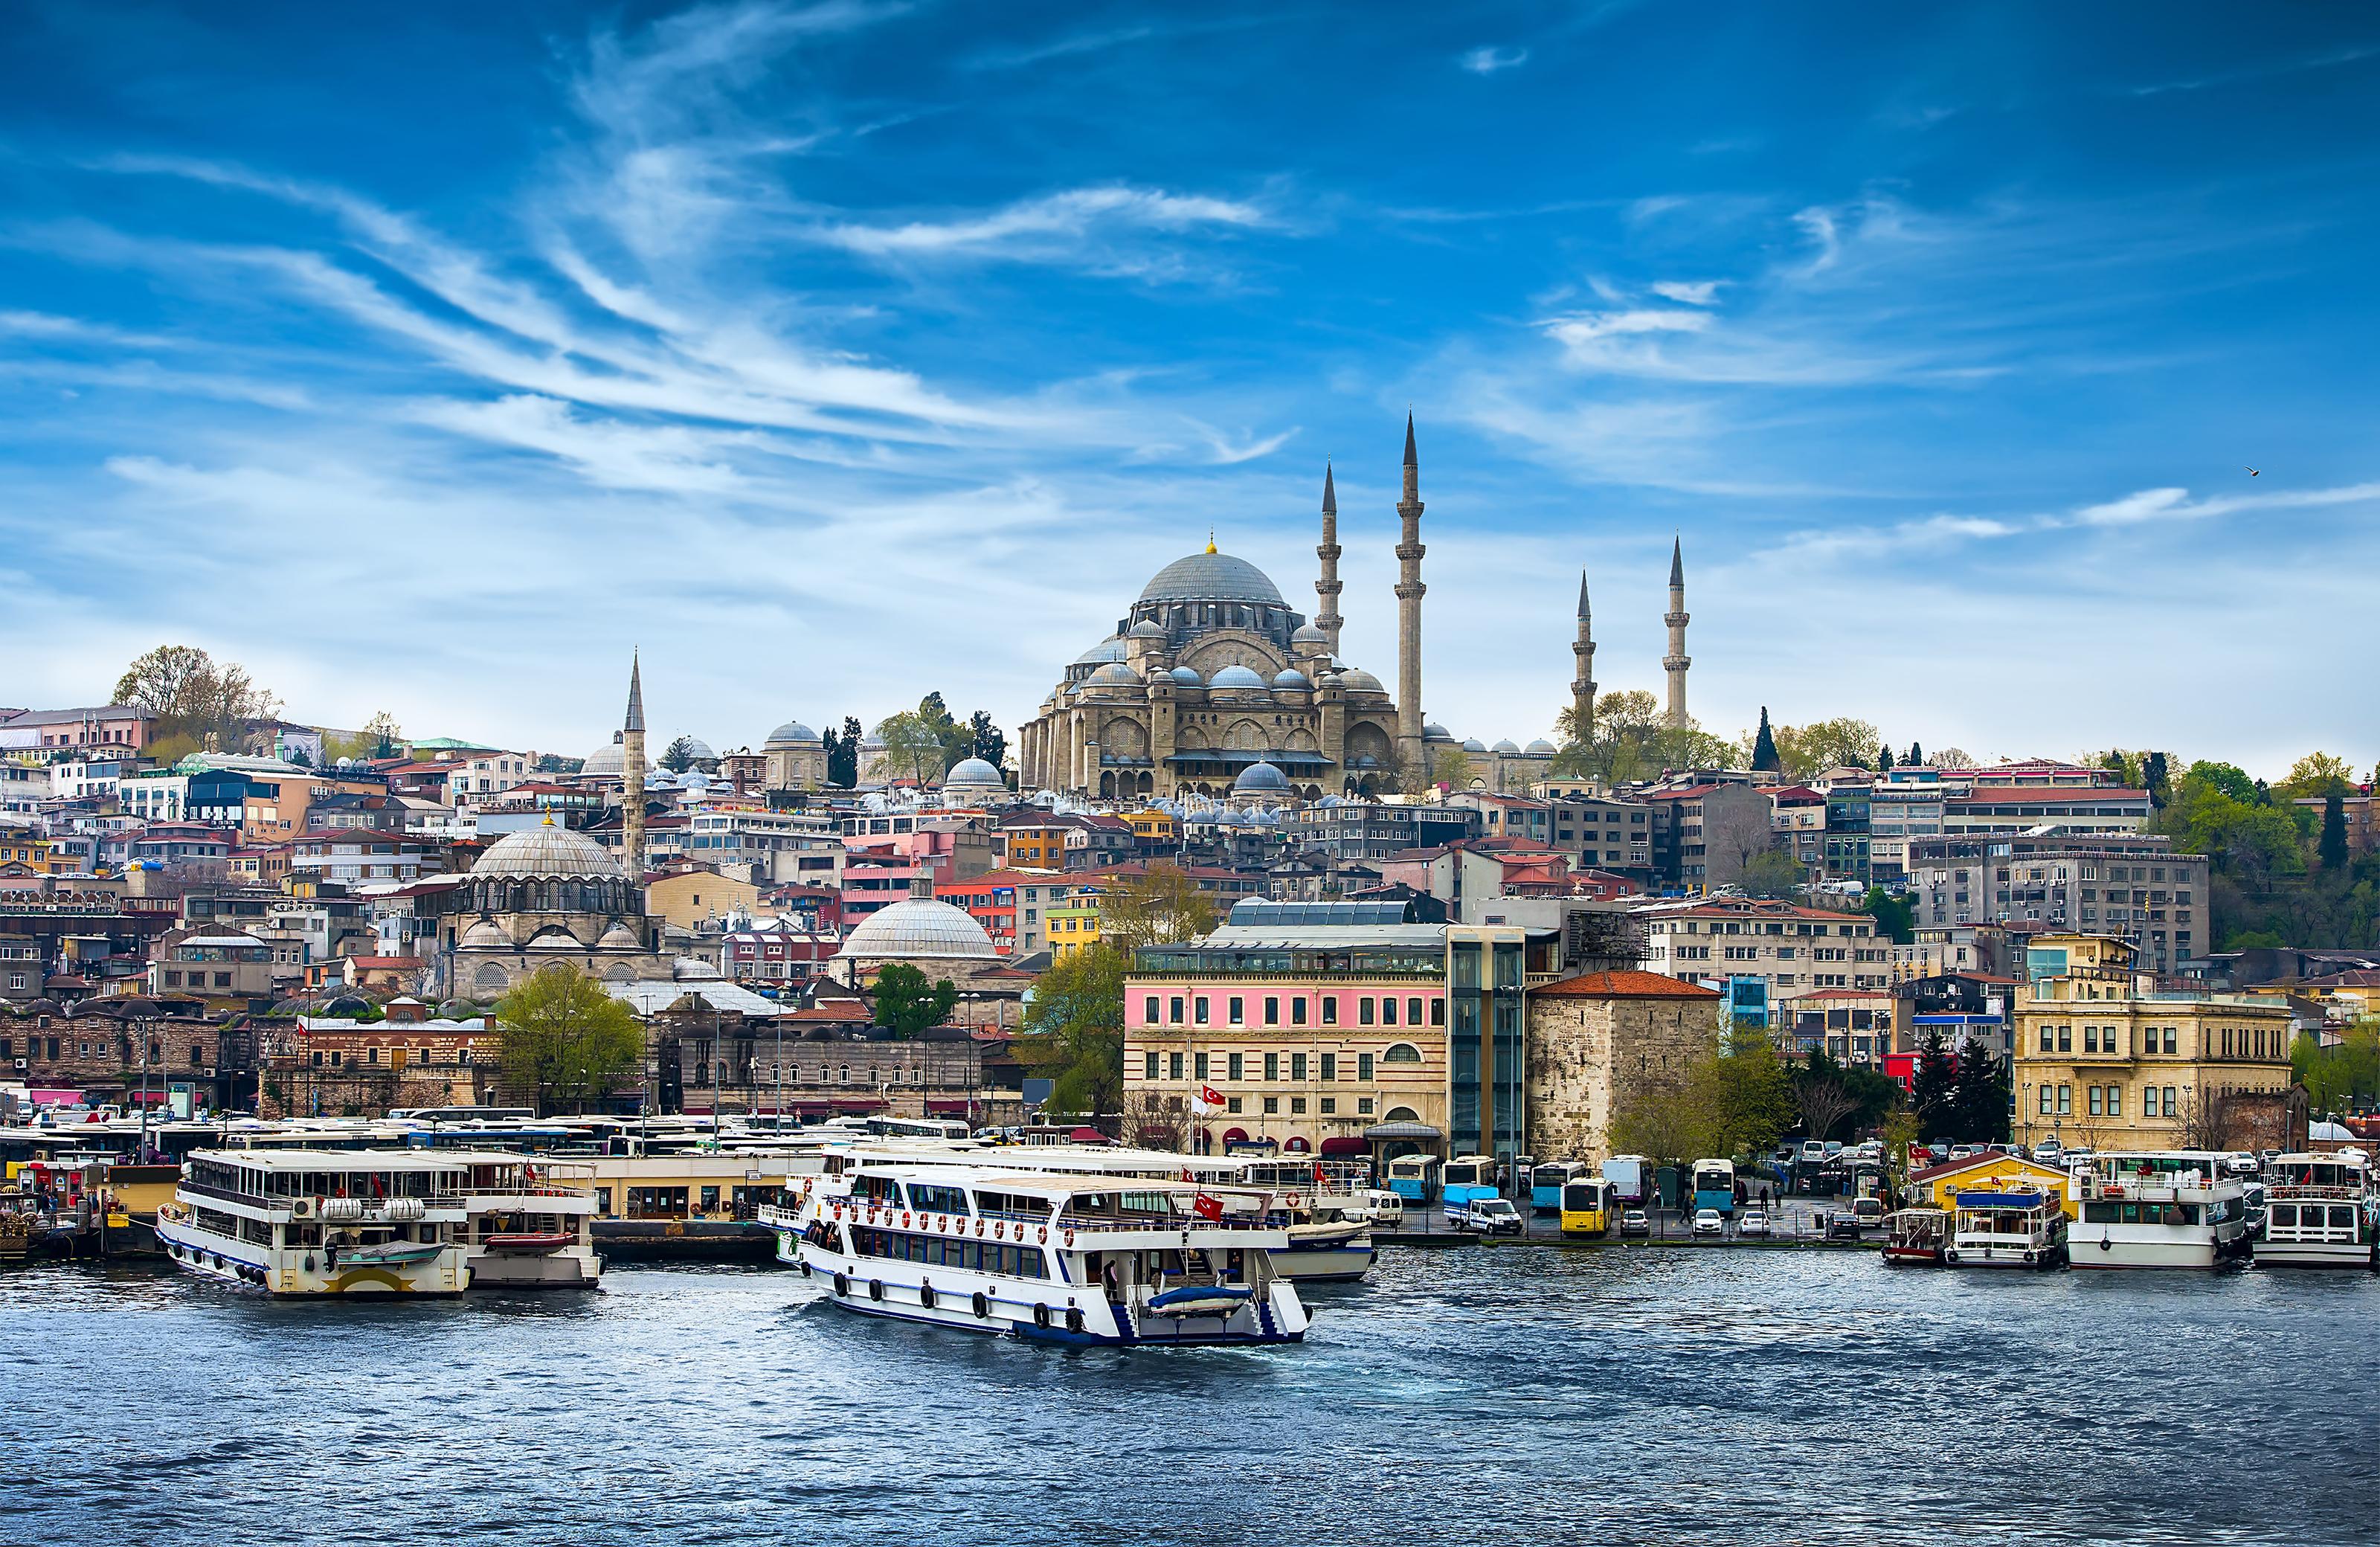 Istanbul-Turkey-shutterstock_291252509.jpg